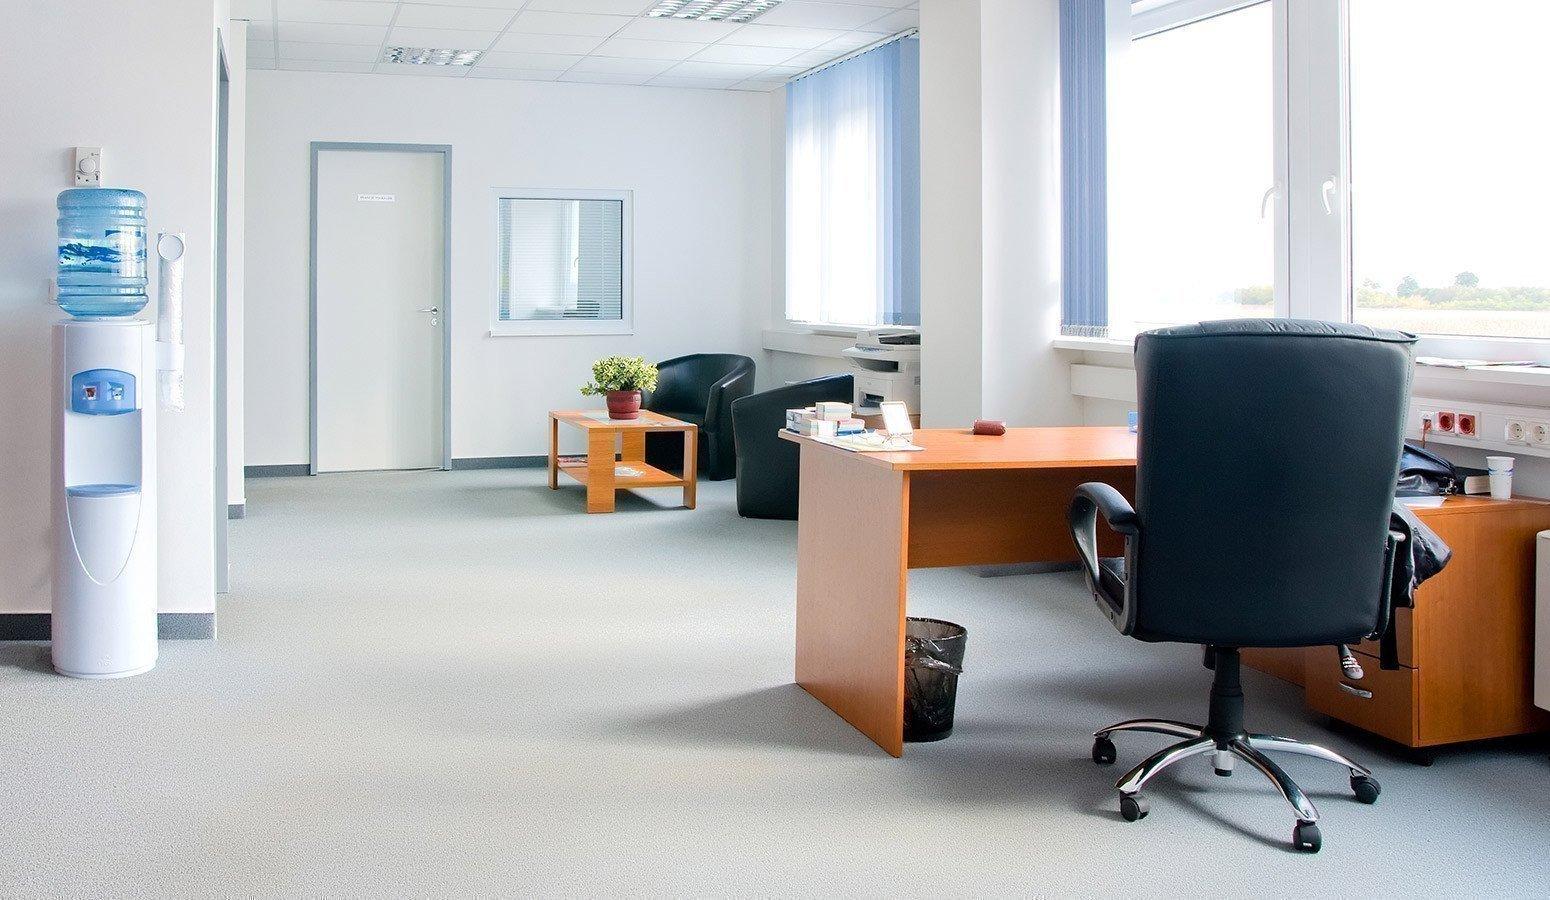 Вакантность офисов в первом полугодии 2020 составила 12% картинка